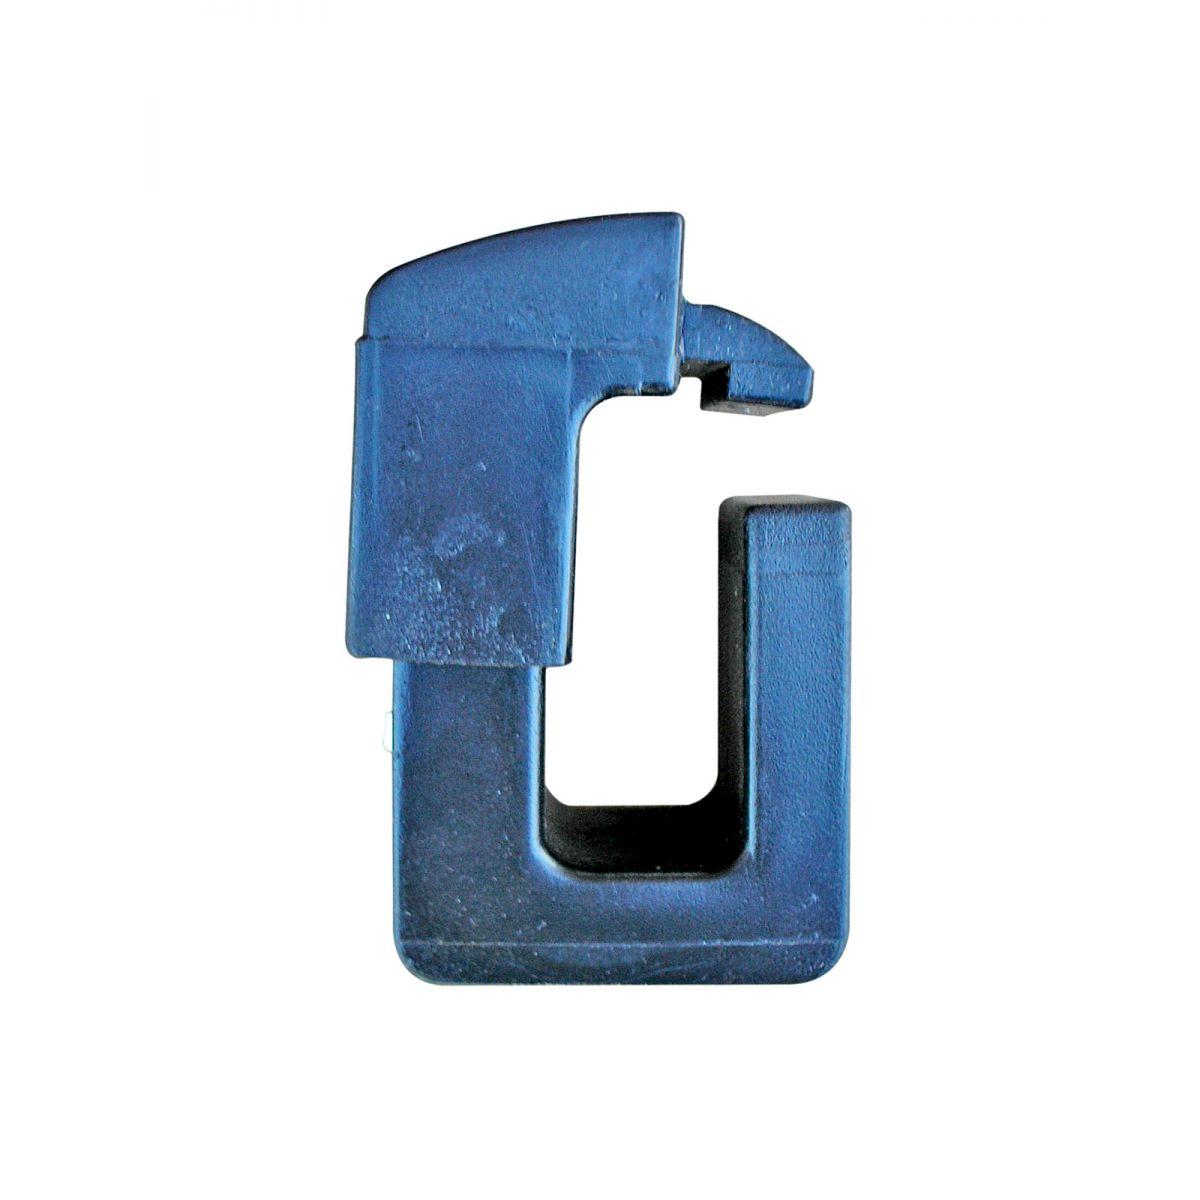 Sargento de fixação em nylon p/ capota marítima marca Flash Cover